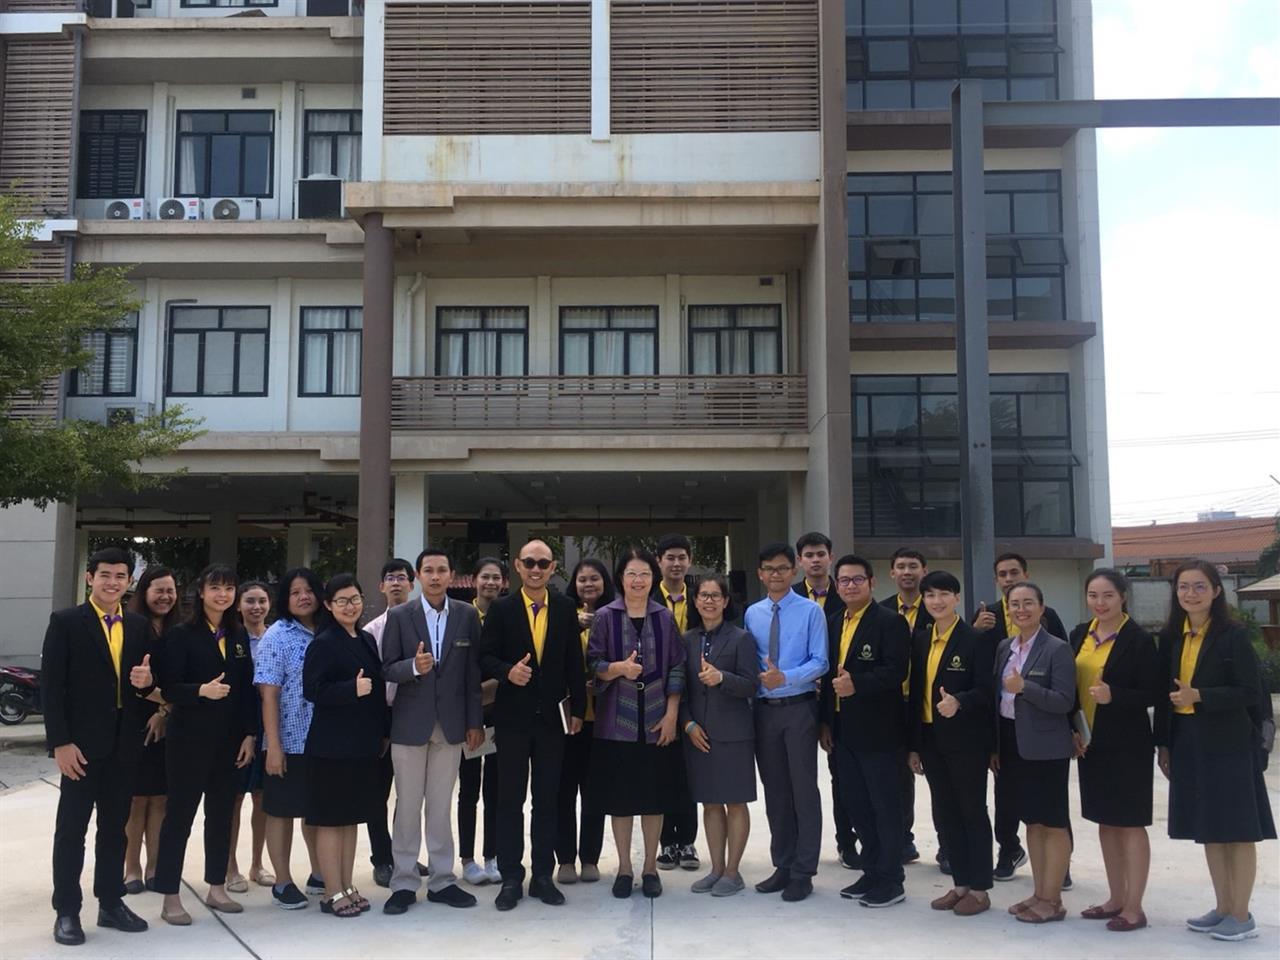 โรงเรียนสาธิตม.พะเยา เข้าศึกษาดูงาน ณ โรงเรียนมัธยมสาธิตมหาวิทยาลัยนเรศวร, โรงเรียนสาธิตมหาวิทยาลัยราชภัฏพิบูลสงคราม และ โรงเรียนจุฬาภรณราชวิทยาลัย จังหวัดพิษณุโลก